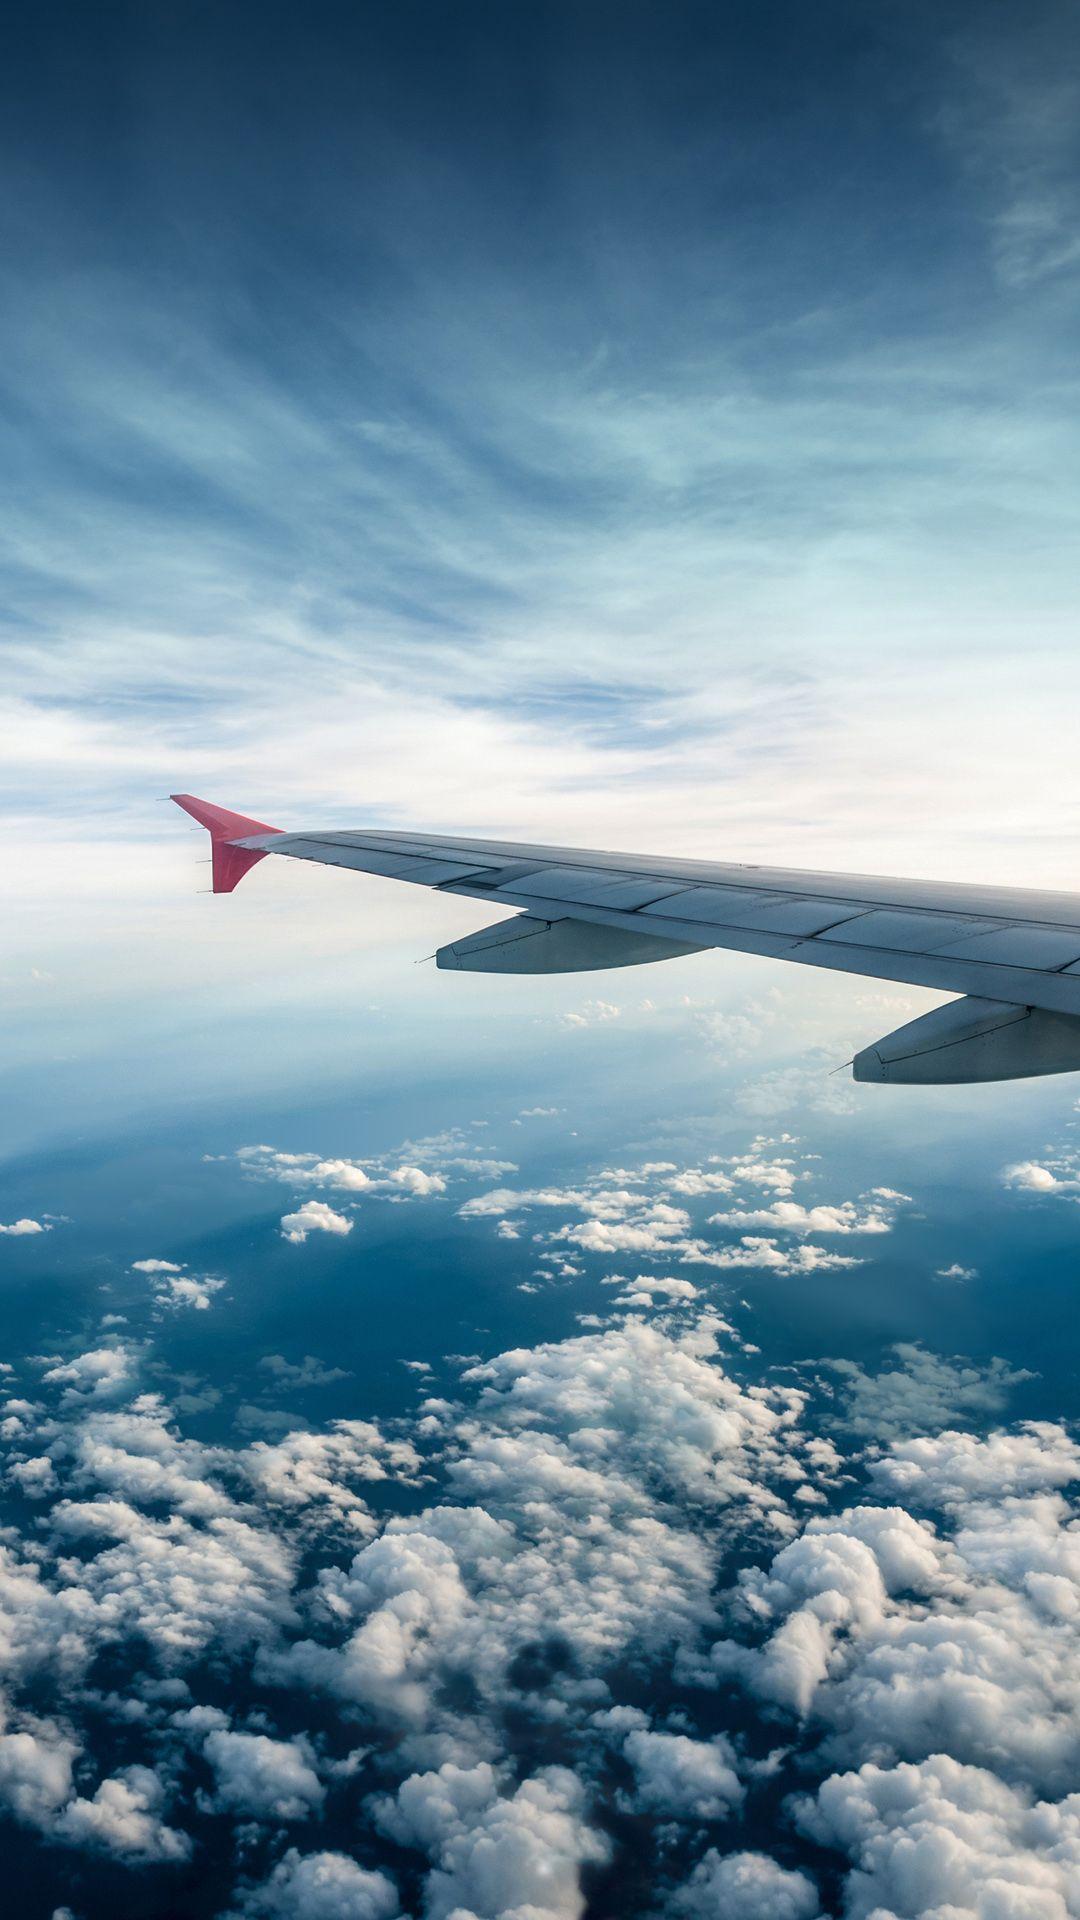 хороши, хотя картинки на телефон обои для телефона самолеты удобства заказчиков